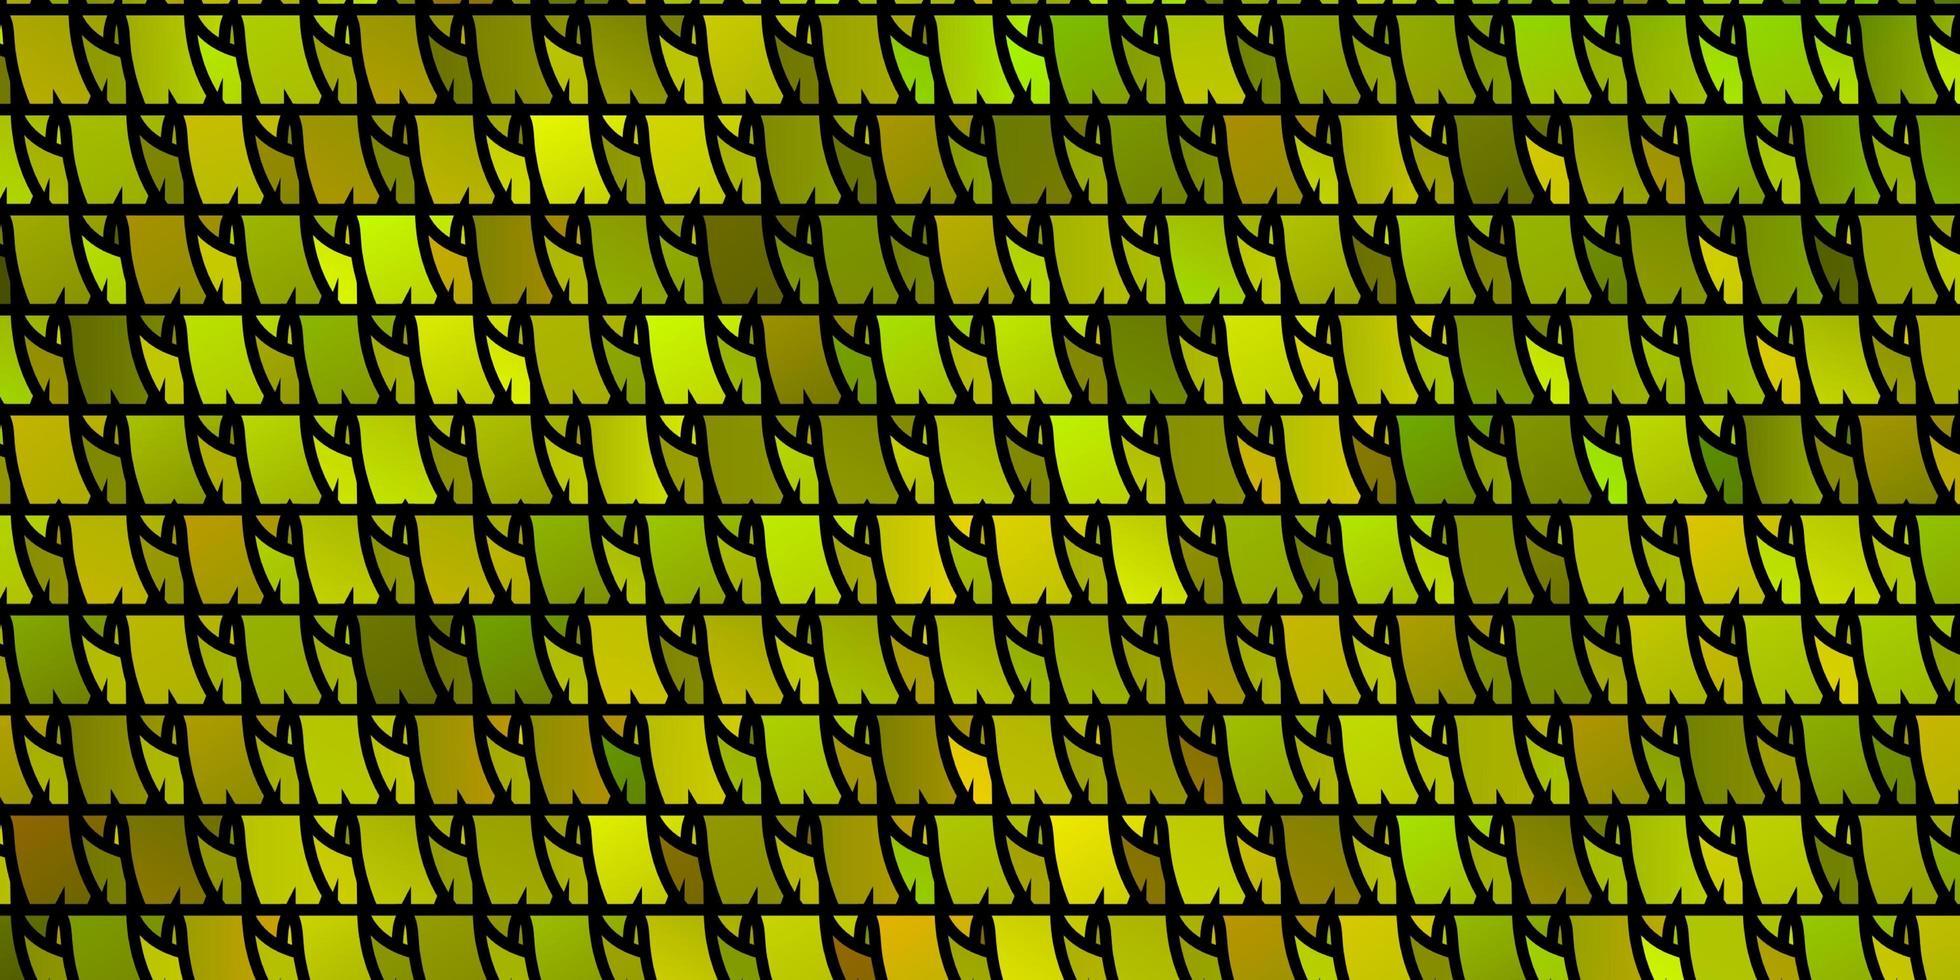 lichtgroen, geel vectorpatroon met veelhoekige stijl. vector